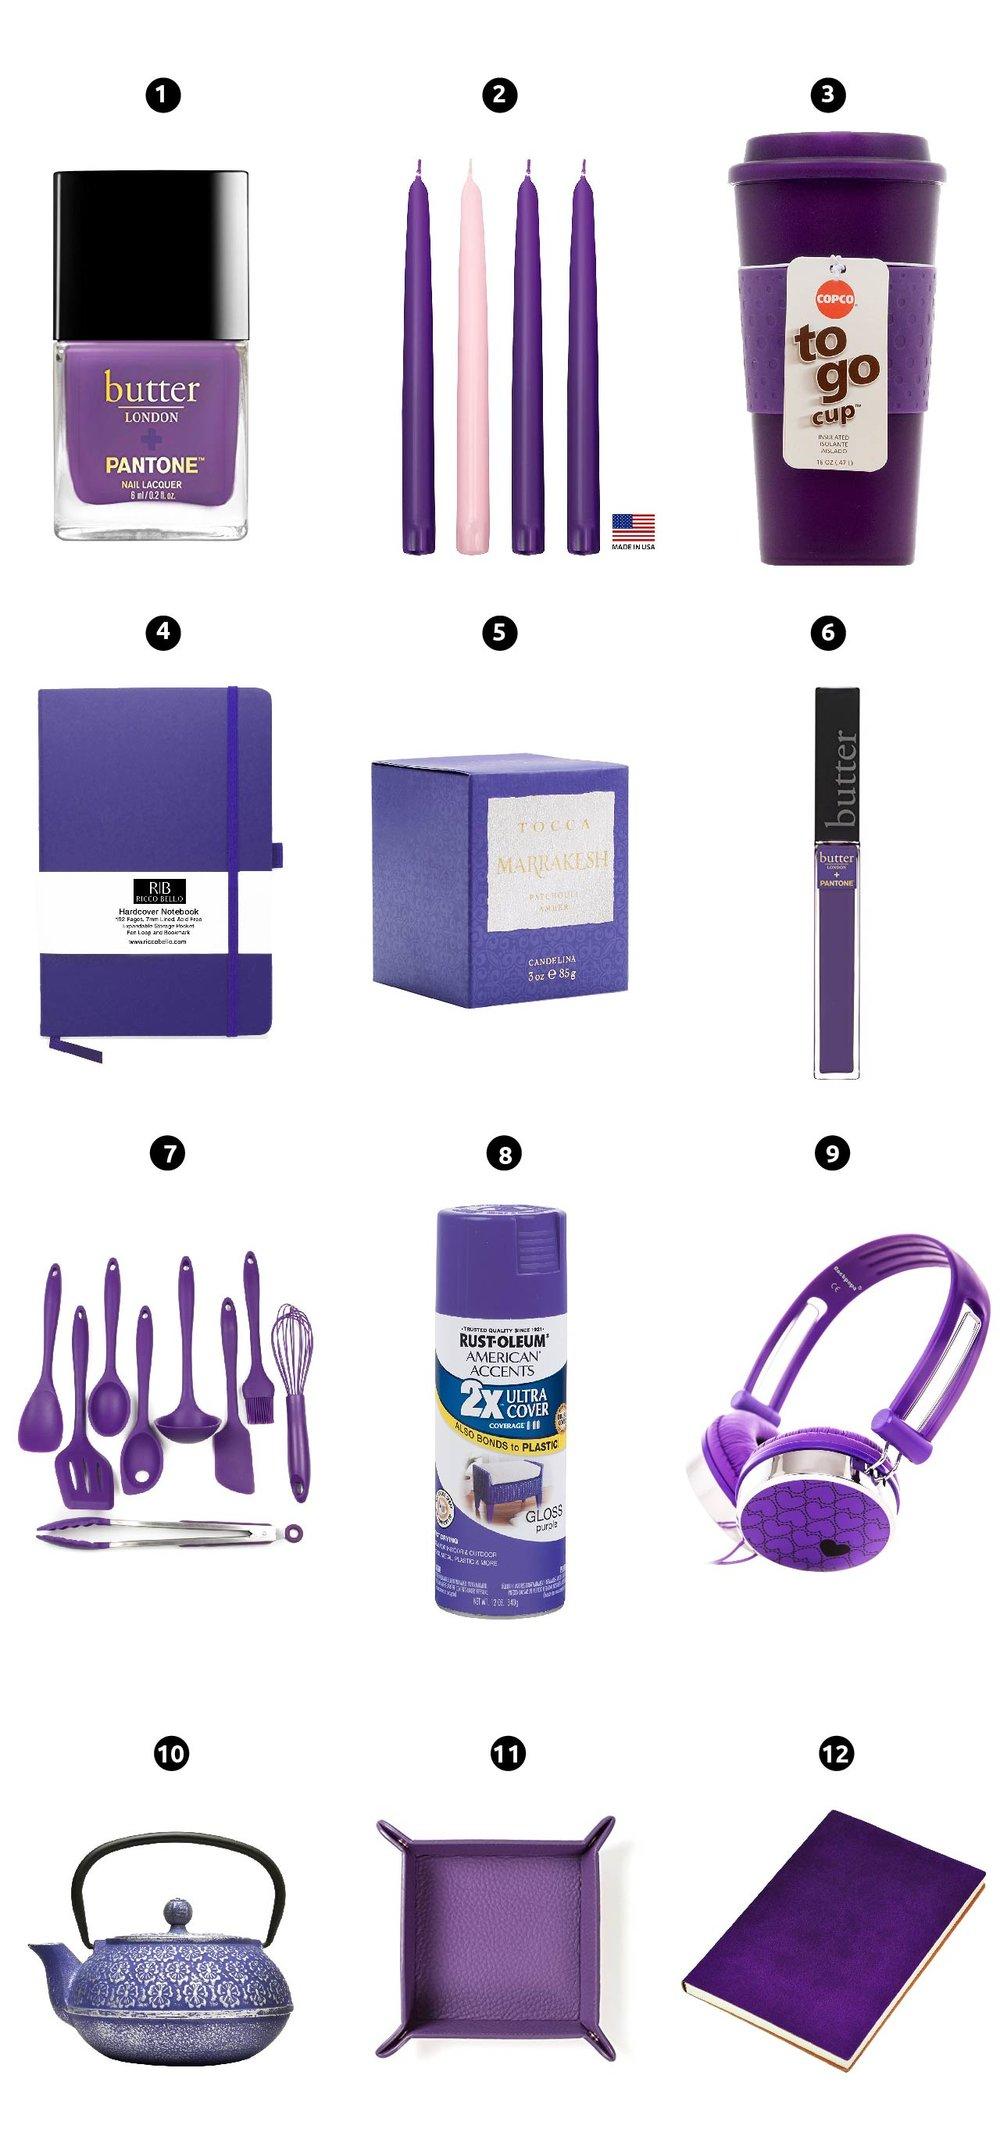 Guía De Props: Despertando La Creatividad Con El Ultra Violeta | Pantone anunció el color del 2018: ¡el ultra violeta! ¿Quieres saber como sacarle provecho? En este artículo digo como puedes utilizarlo y combinarlo.